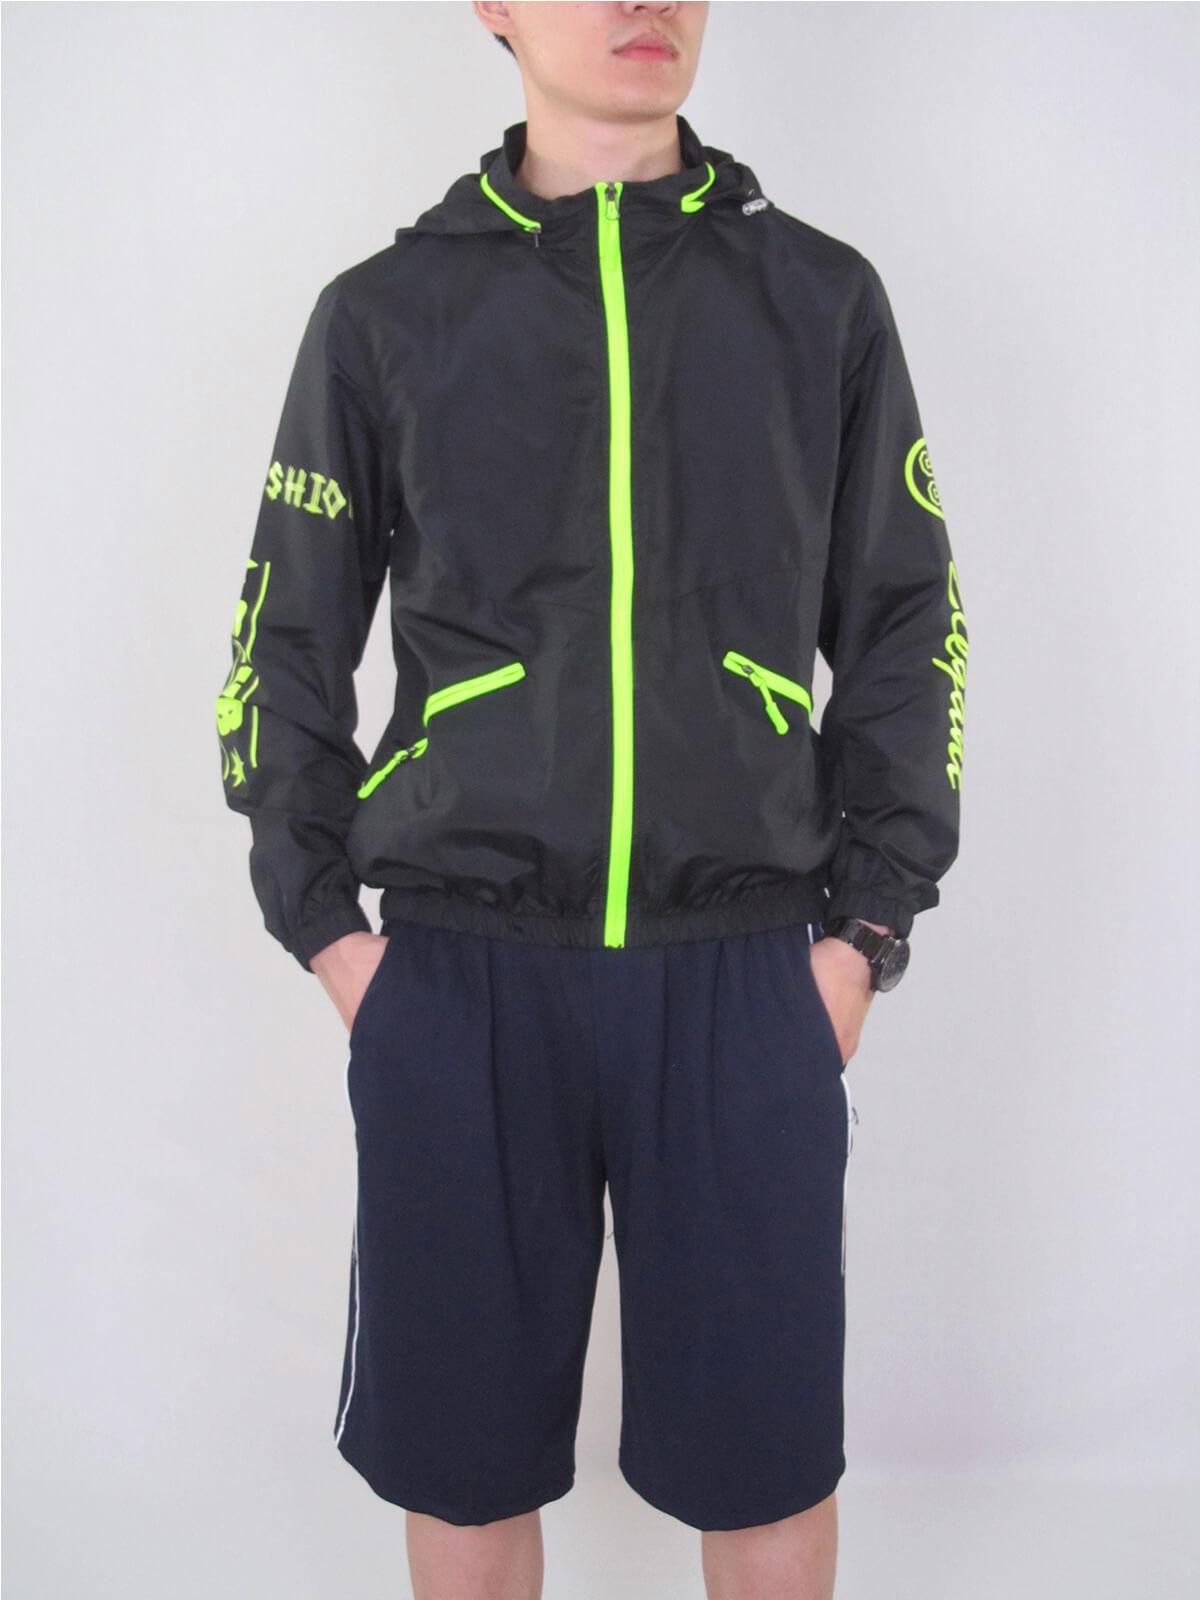 配色薄外套 遮陽防曬休閒外套 防風外套 運動暖身外套 風衣外套 JACKET (321-8878-01)螢光綠、(321-8878-02)深藍色、(321-8878-03)黑色 M L XL 2L(胸圍44~50英吋) [實體店面保障] sun-e 9